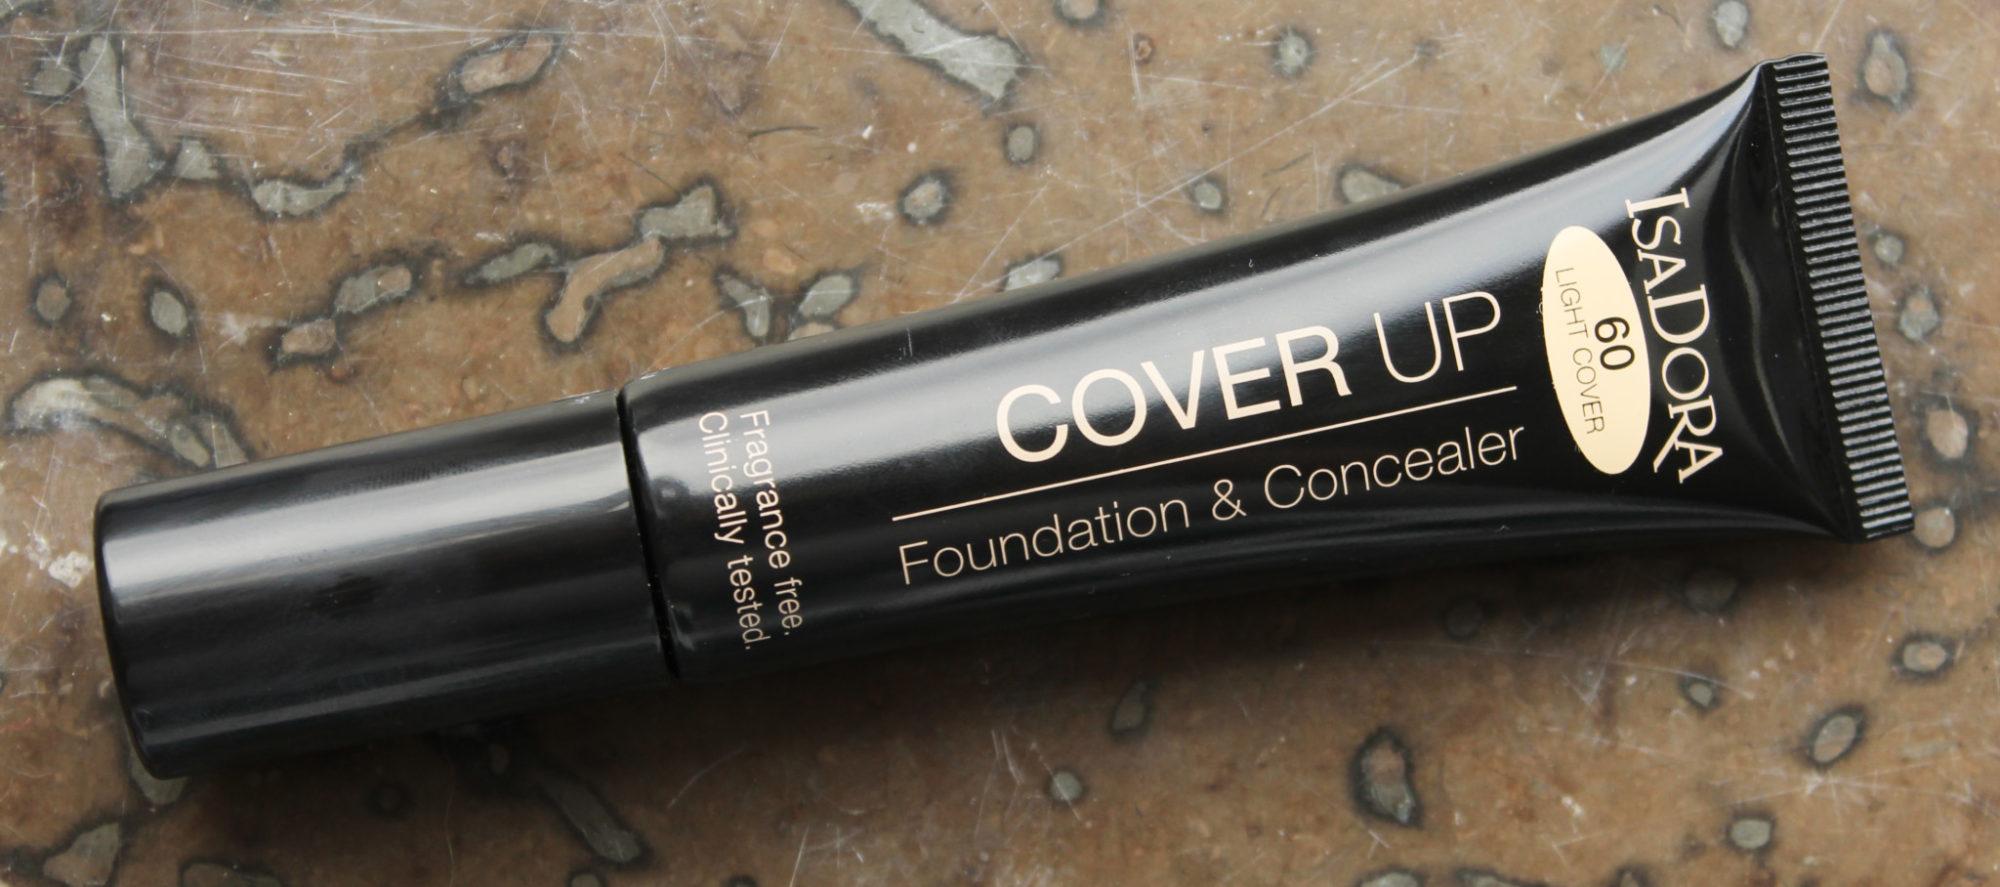 Recension: IsaDora Cover Up Foundation & Concealer